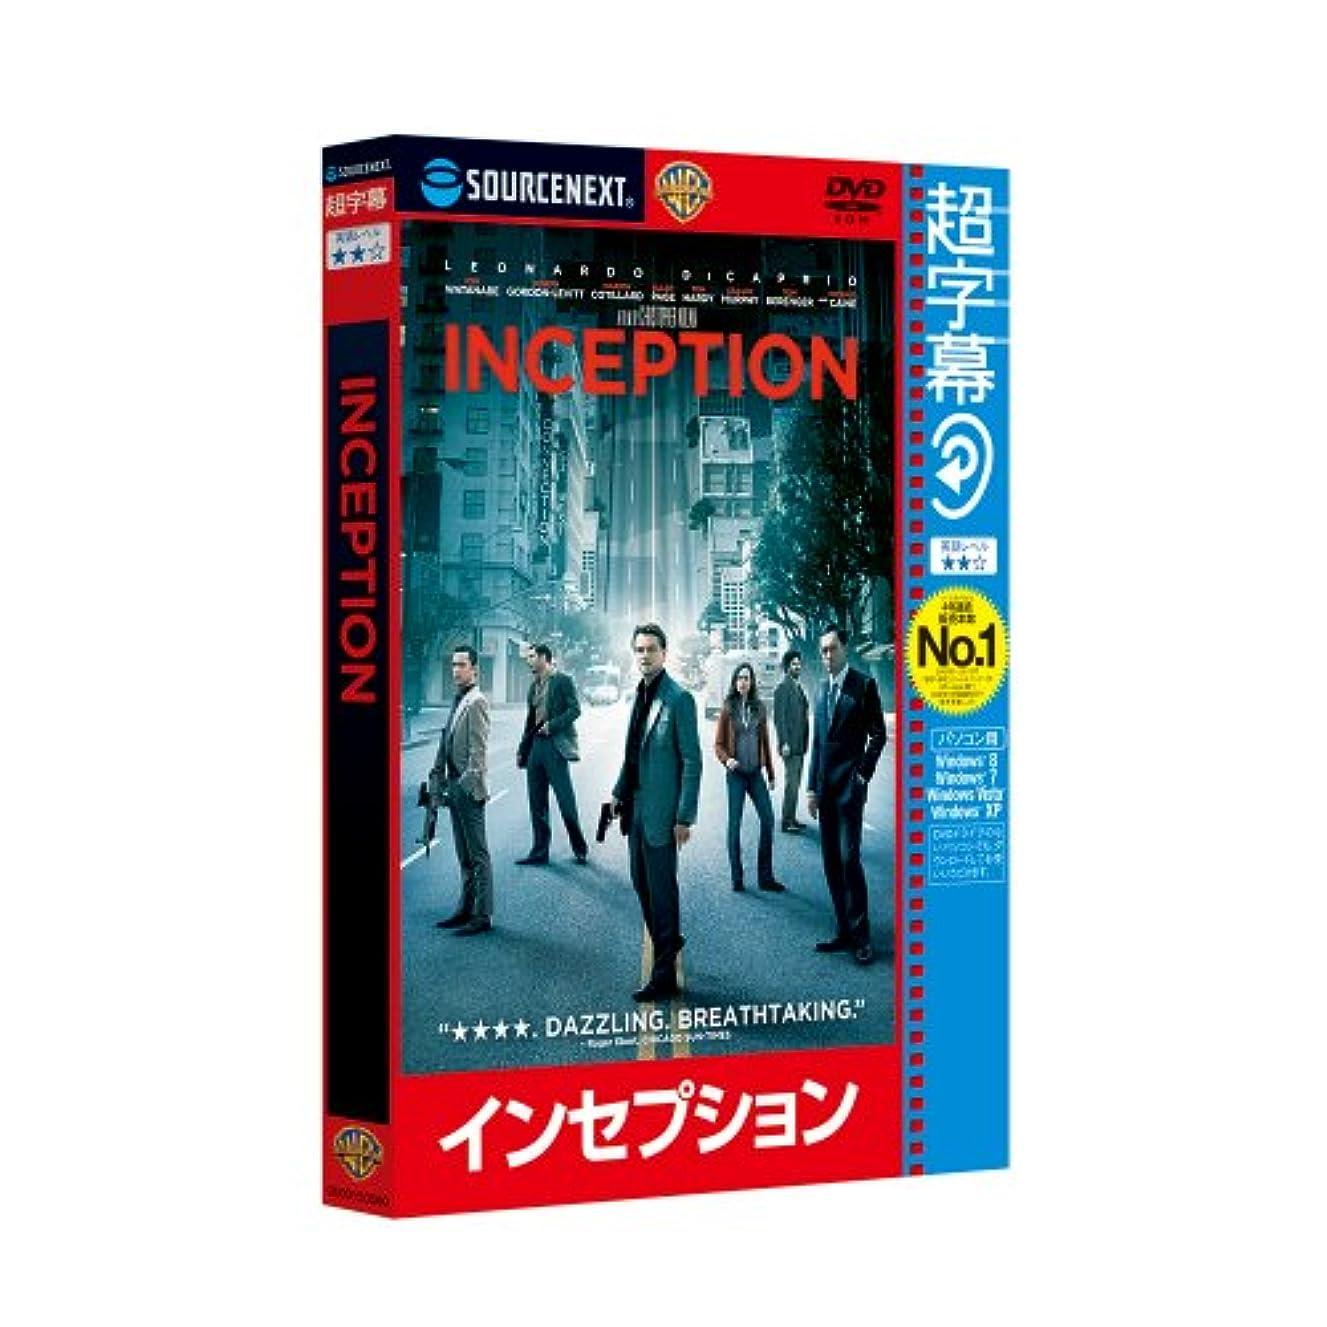 医療の関係予想する超字幕/インセプション (キャンペーン版DVD)